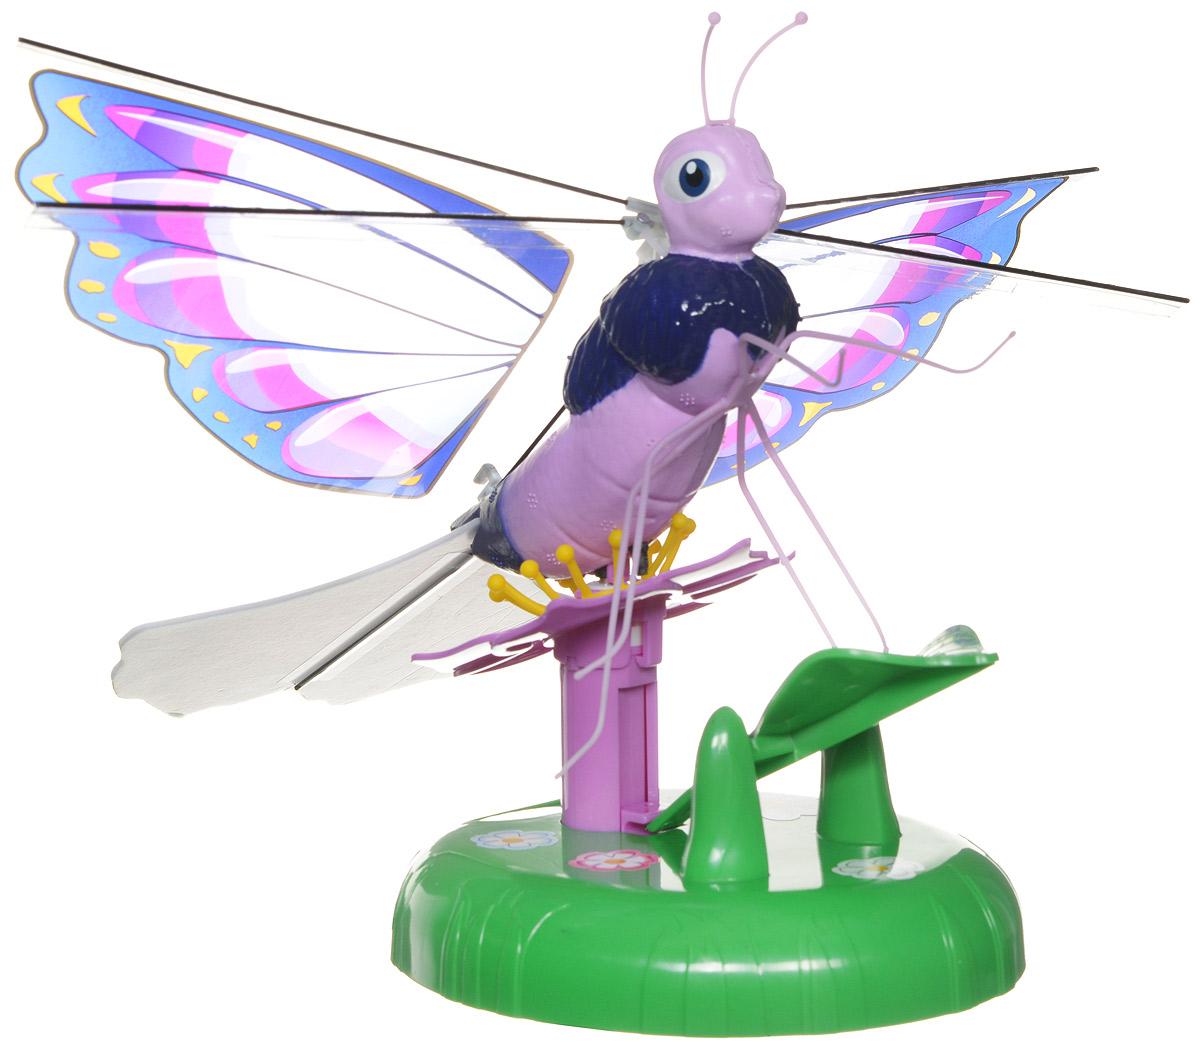 Splash Toys Интерактивная игрушка Летающая бабочка Lila - Интерактивные игрушки